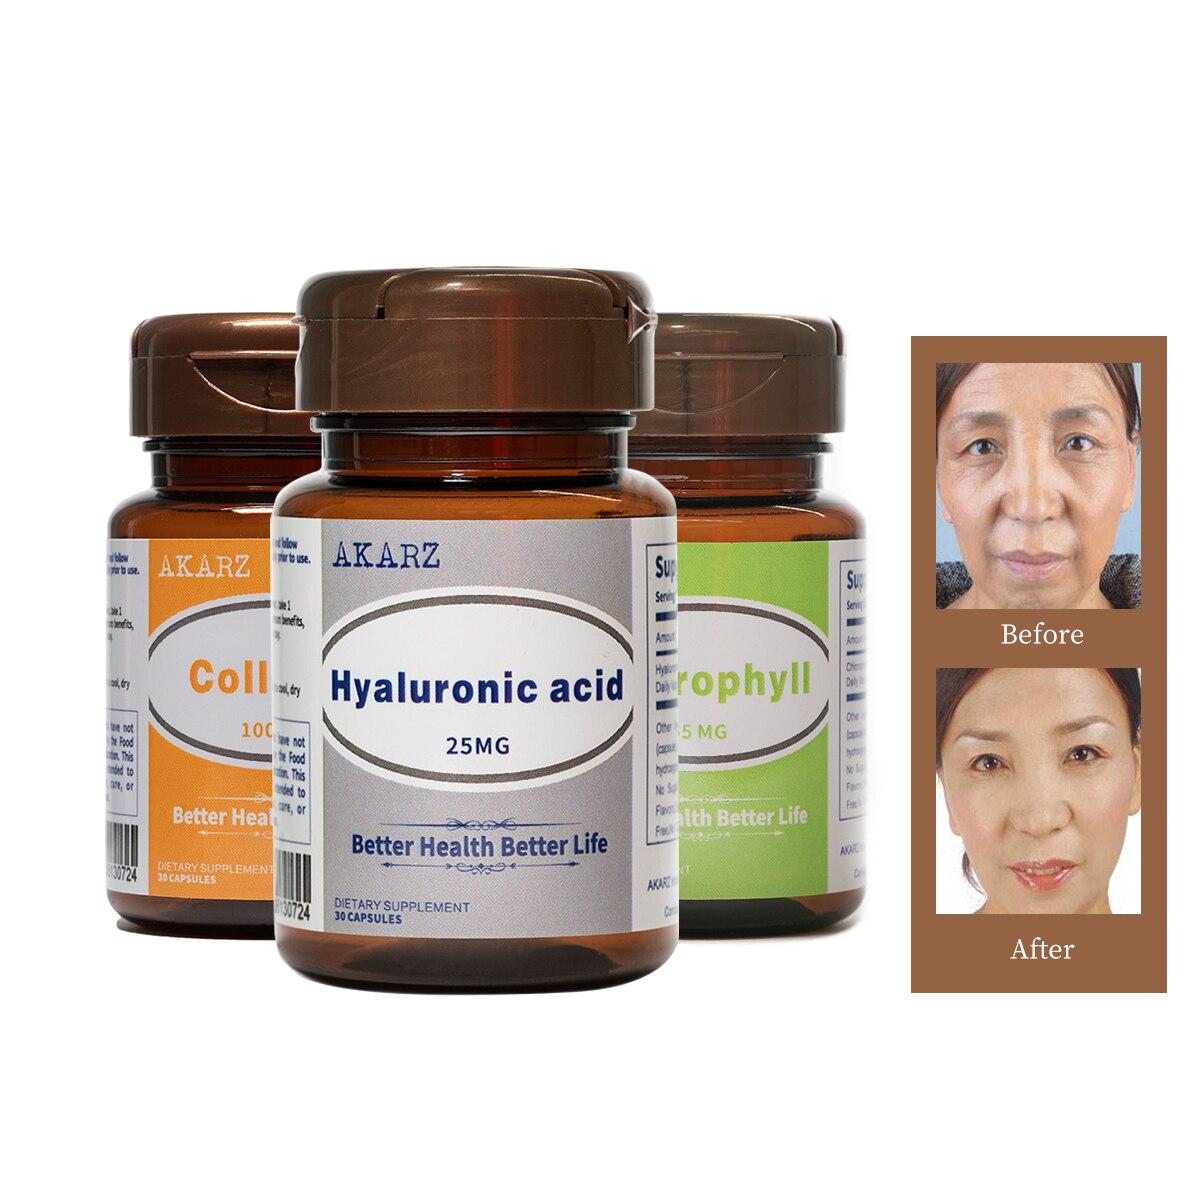 Super efecto anti-envejecimiento establece AKARZ ácido hialurónico + colágeno + clorofila cara Natural cuerpo la elasticidad de la piel